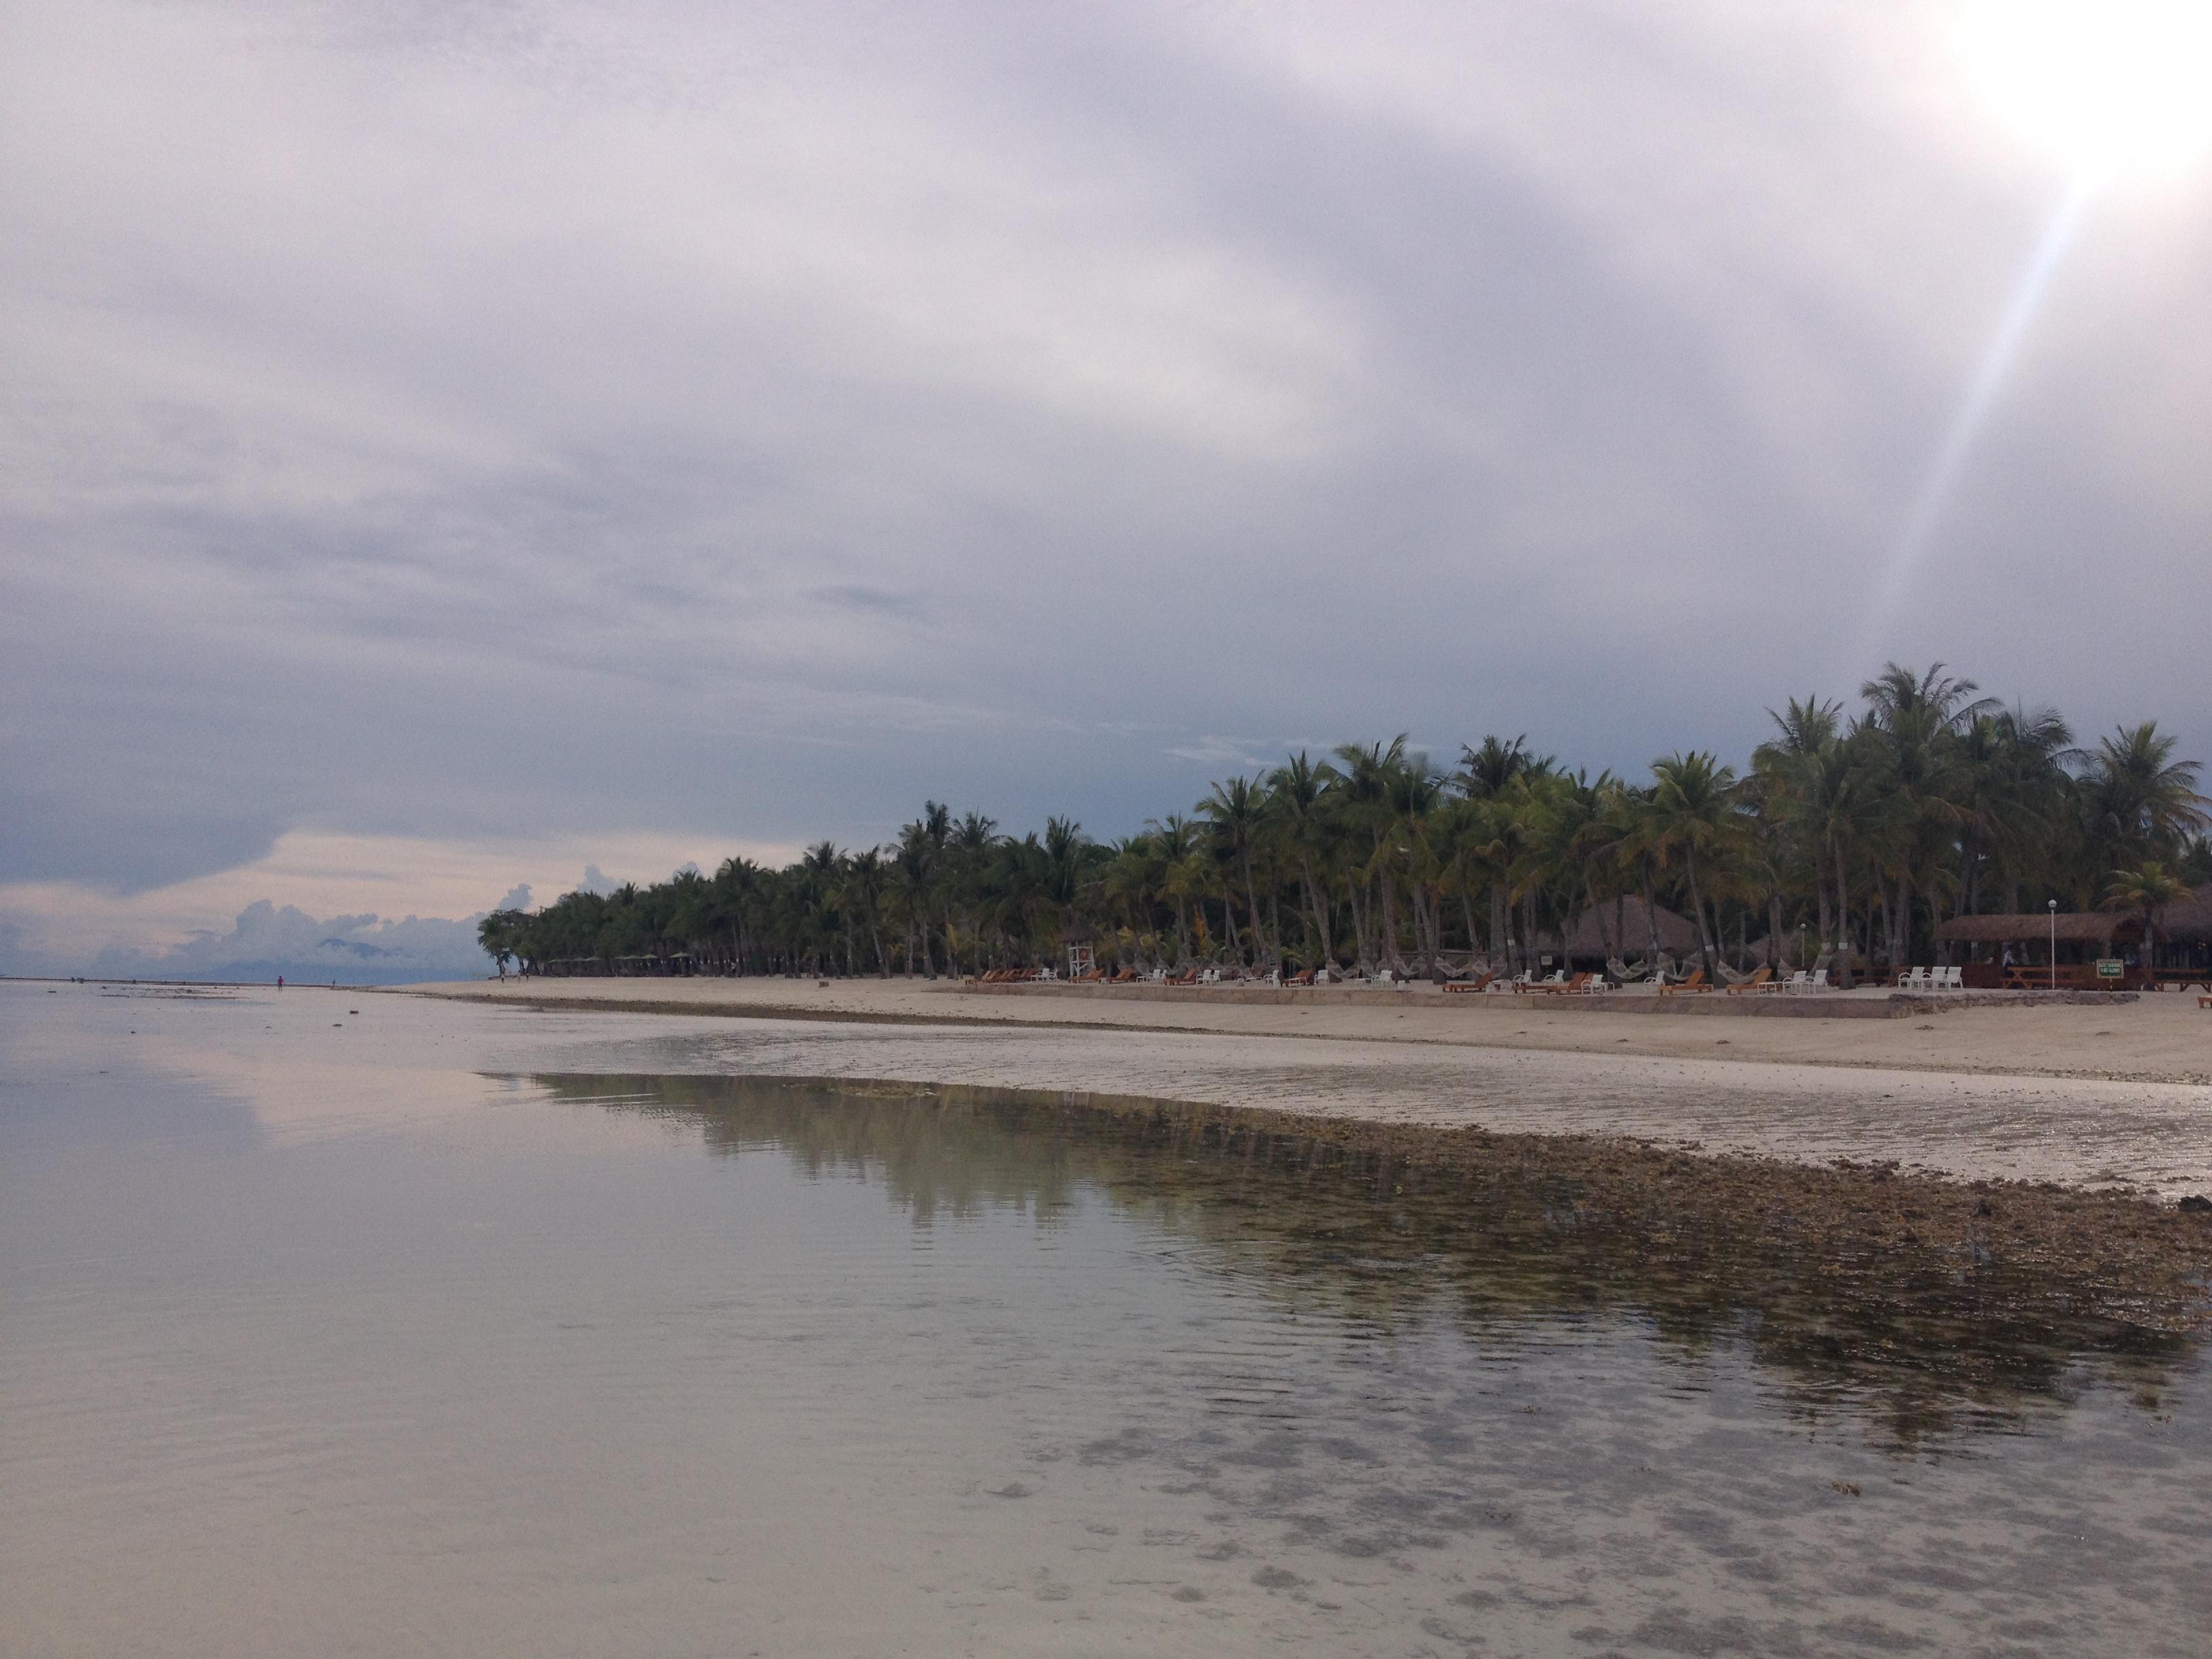 Bassa marea, Panglao @oltreilbalcone